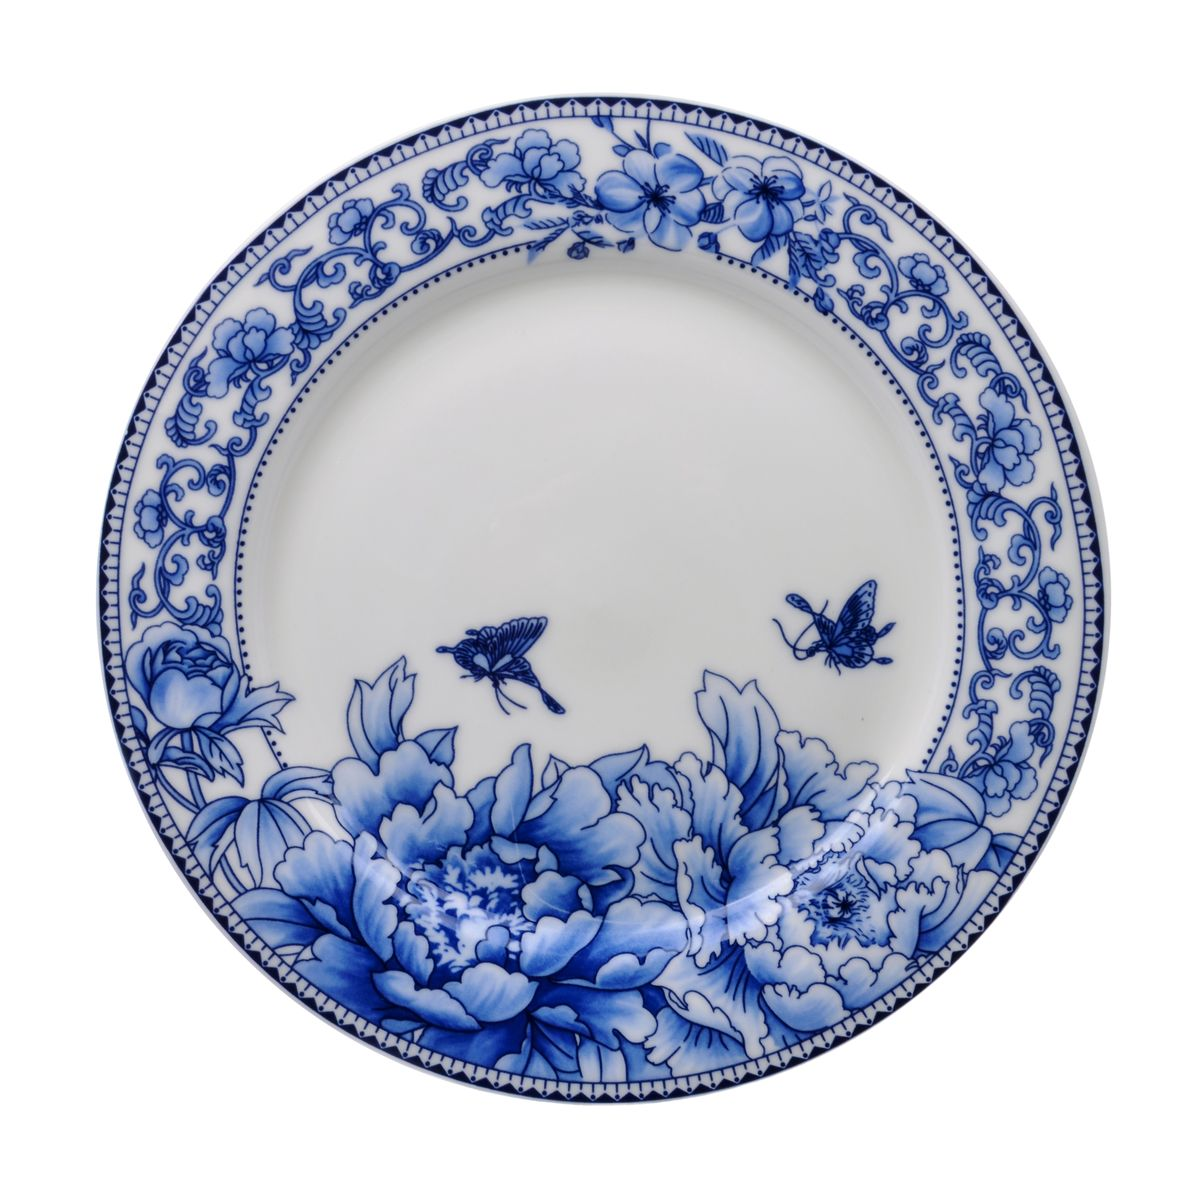 Тарелка для горячего Nanshan Porcelain Наньшань, диаметр 22,5GNNSNN008Тарелка для горячего Nanshan Porcelain Наньшань изготовлена из высококачественной керамики. Предназначена для красивой подачи различных блюд. Изделие декорировано ярким цветочным принтом. Такая тарелка украсит сервировку стола и подчеркнет прекрасный вкус хозяйки.Можно мыть в посудомоечной машине и использовать в СВЧ. Диаметр: 22,5 см.Высота: 2 см.